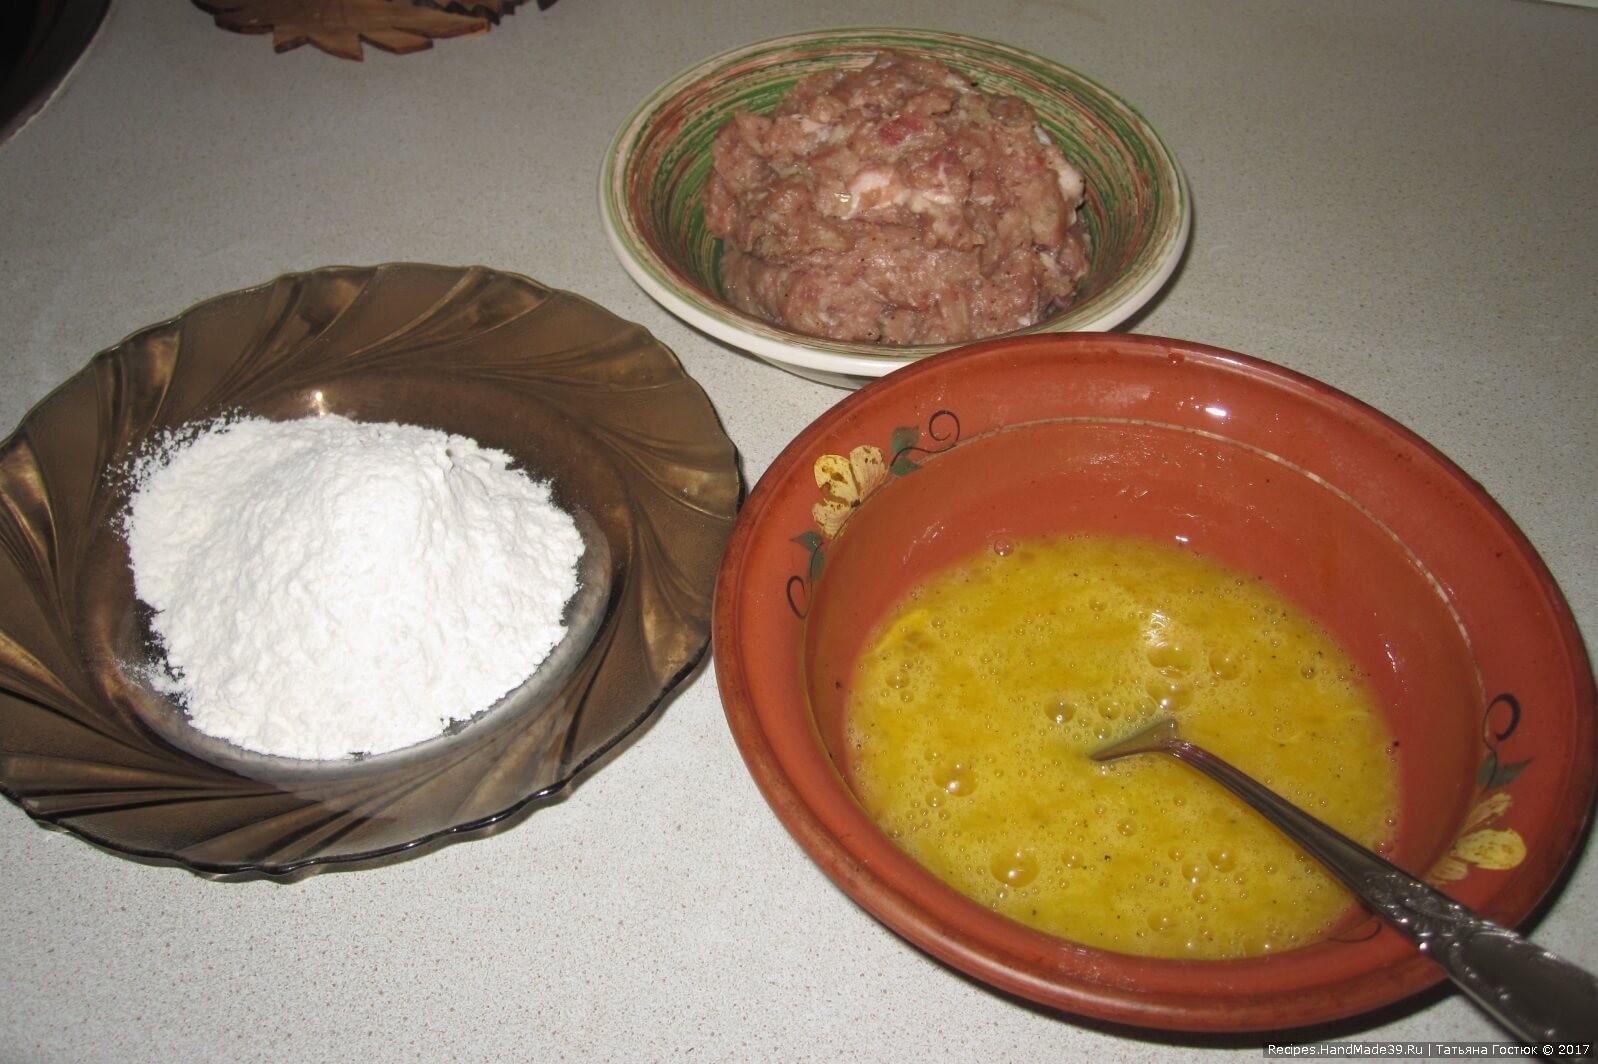 В тарелке с помощью вилки слегка взбалтываем яйца, чуть-чуть подсаливаем. В другую тарелку насыпаем муки